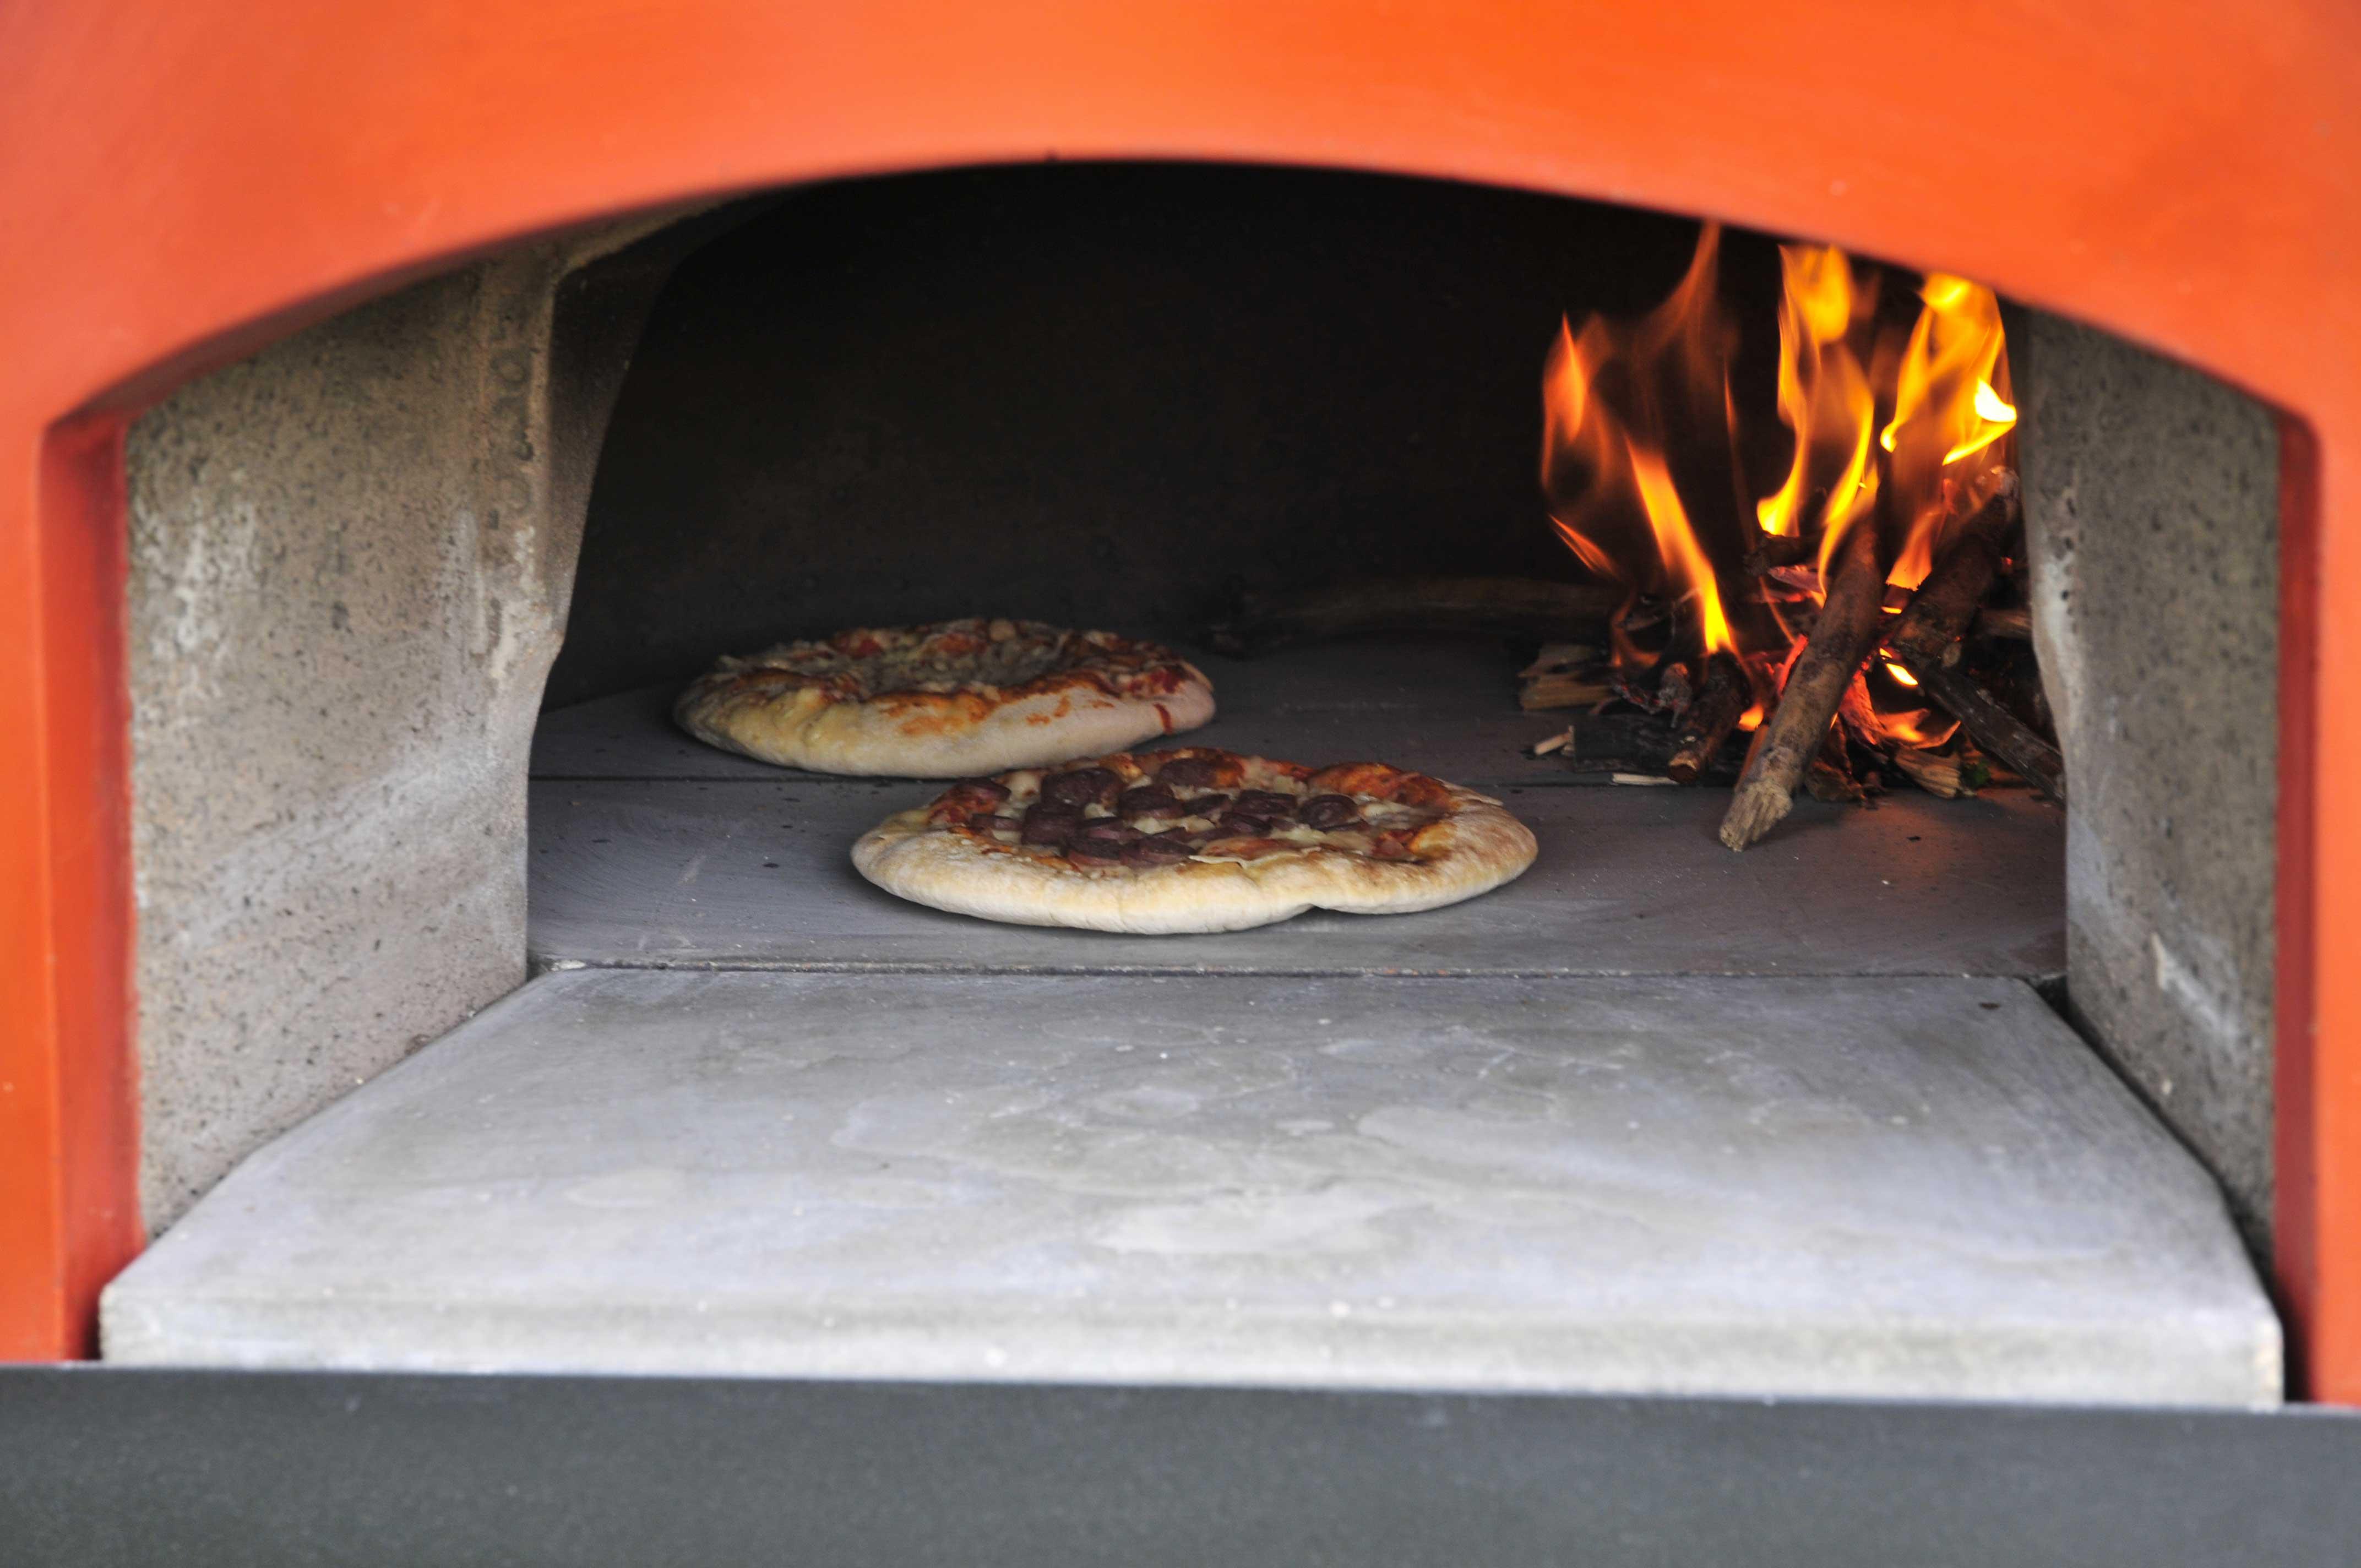 Forno a legna per pizza subito cotto 60 zio ciro forni a - Temperatura forno a legna pizza ...